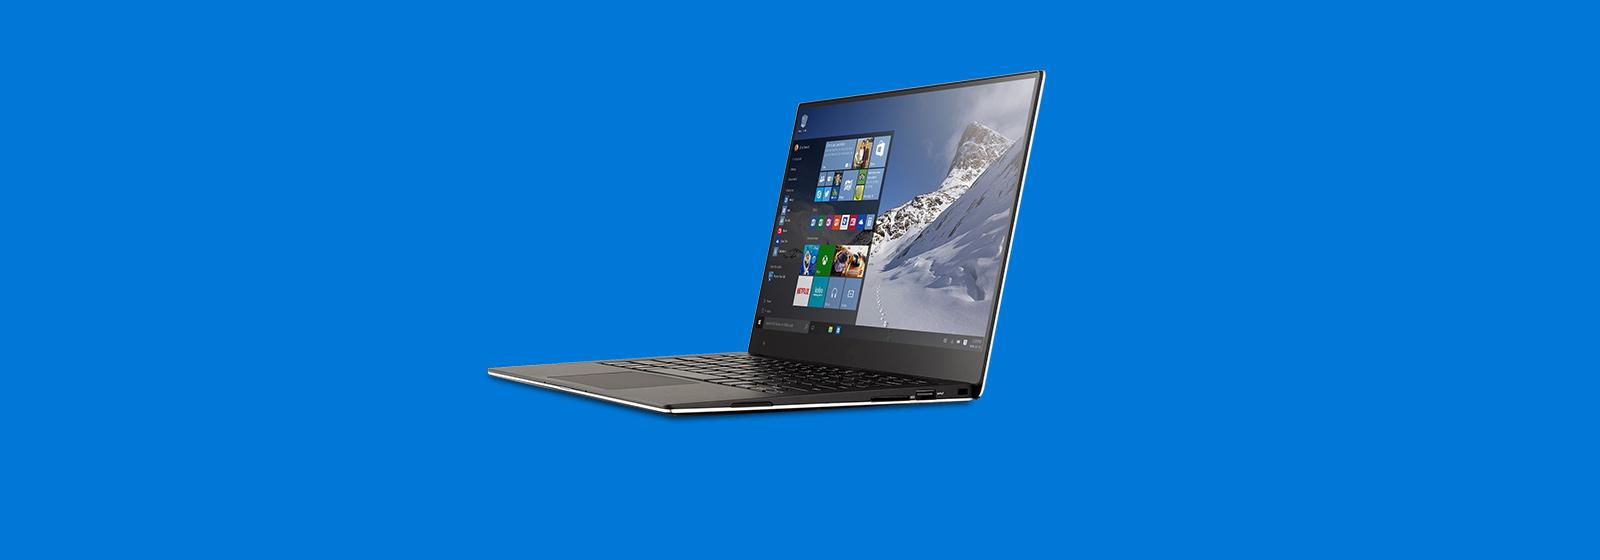 Już wkrótce pojawi się Windows 10. Dowiedz się więcej.